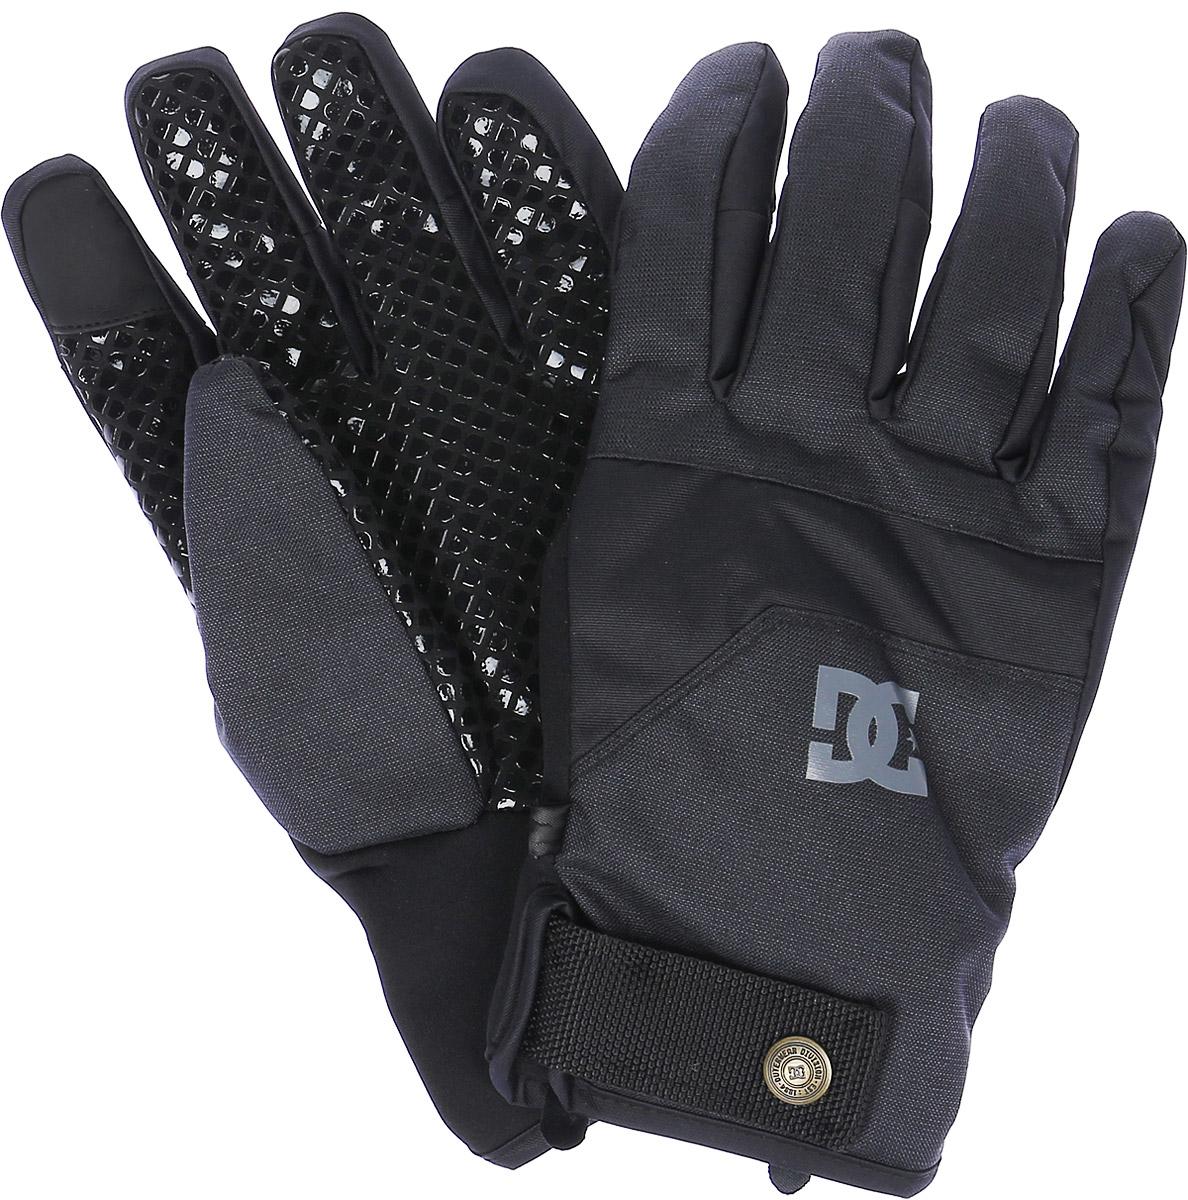 EDYHN03015-GHA0Стильные мужские перчатки DC Shoes Antuco Glove выполнены из высококачественного комбинированного материала, который не пропускает воду. Модель оформлена декоративной прострочкой и принтом с изображением логотипа бренда. Перчатки дополнены эластичными резинками и хлястиками с липучками, которые надежно зафиксируют модель на запястье, не сдавливая его. Внутренняя поверхность выполнена из мягкого утепленного полиэстера. Также перчатки оснащены застежкой-фастексом и специальной нашивкой на указательном пальце для сенсорных экранов.